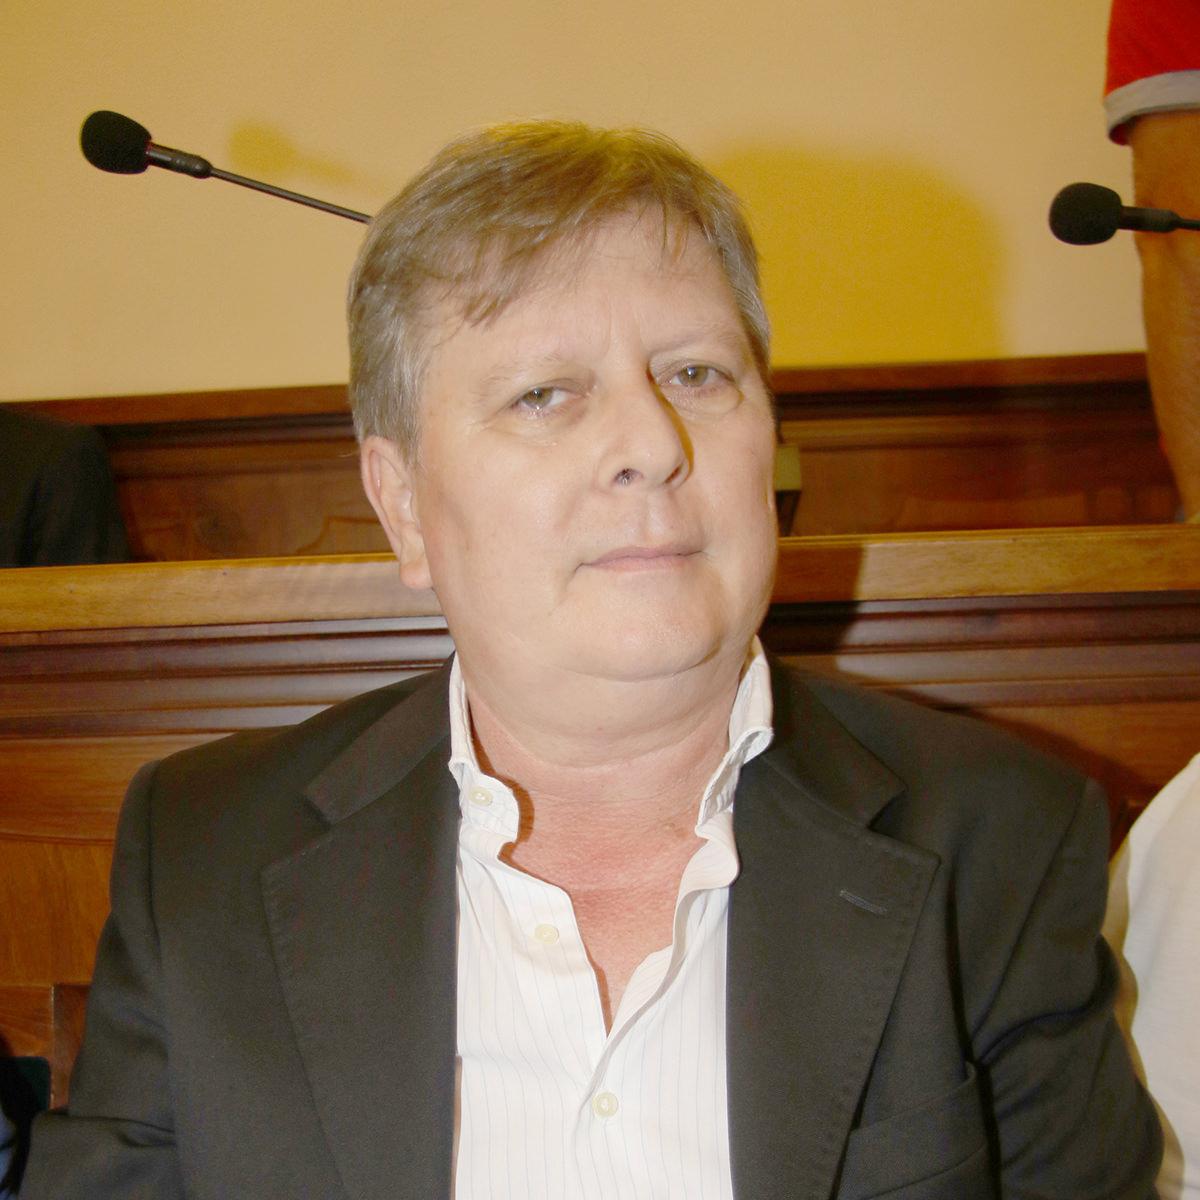 Consigliere Giuseppe Baioni